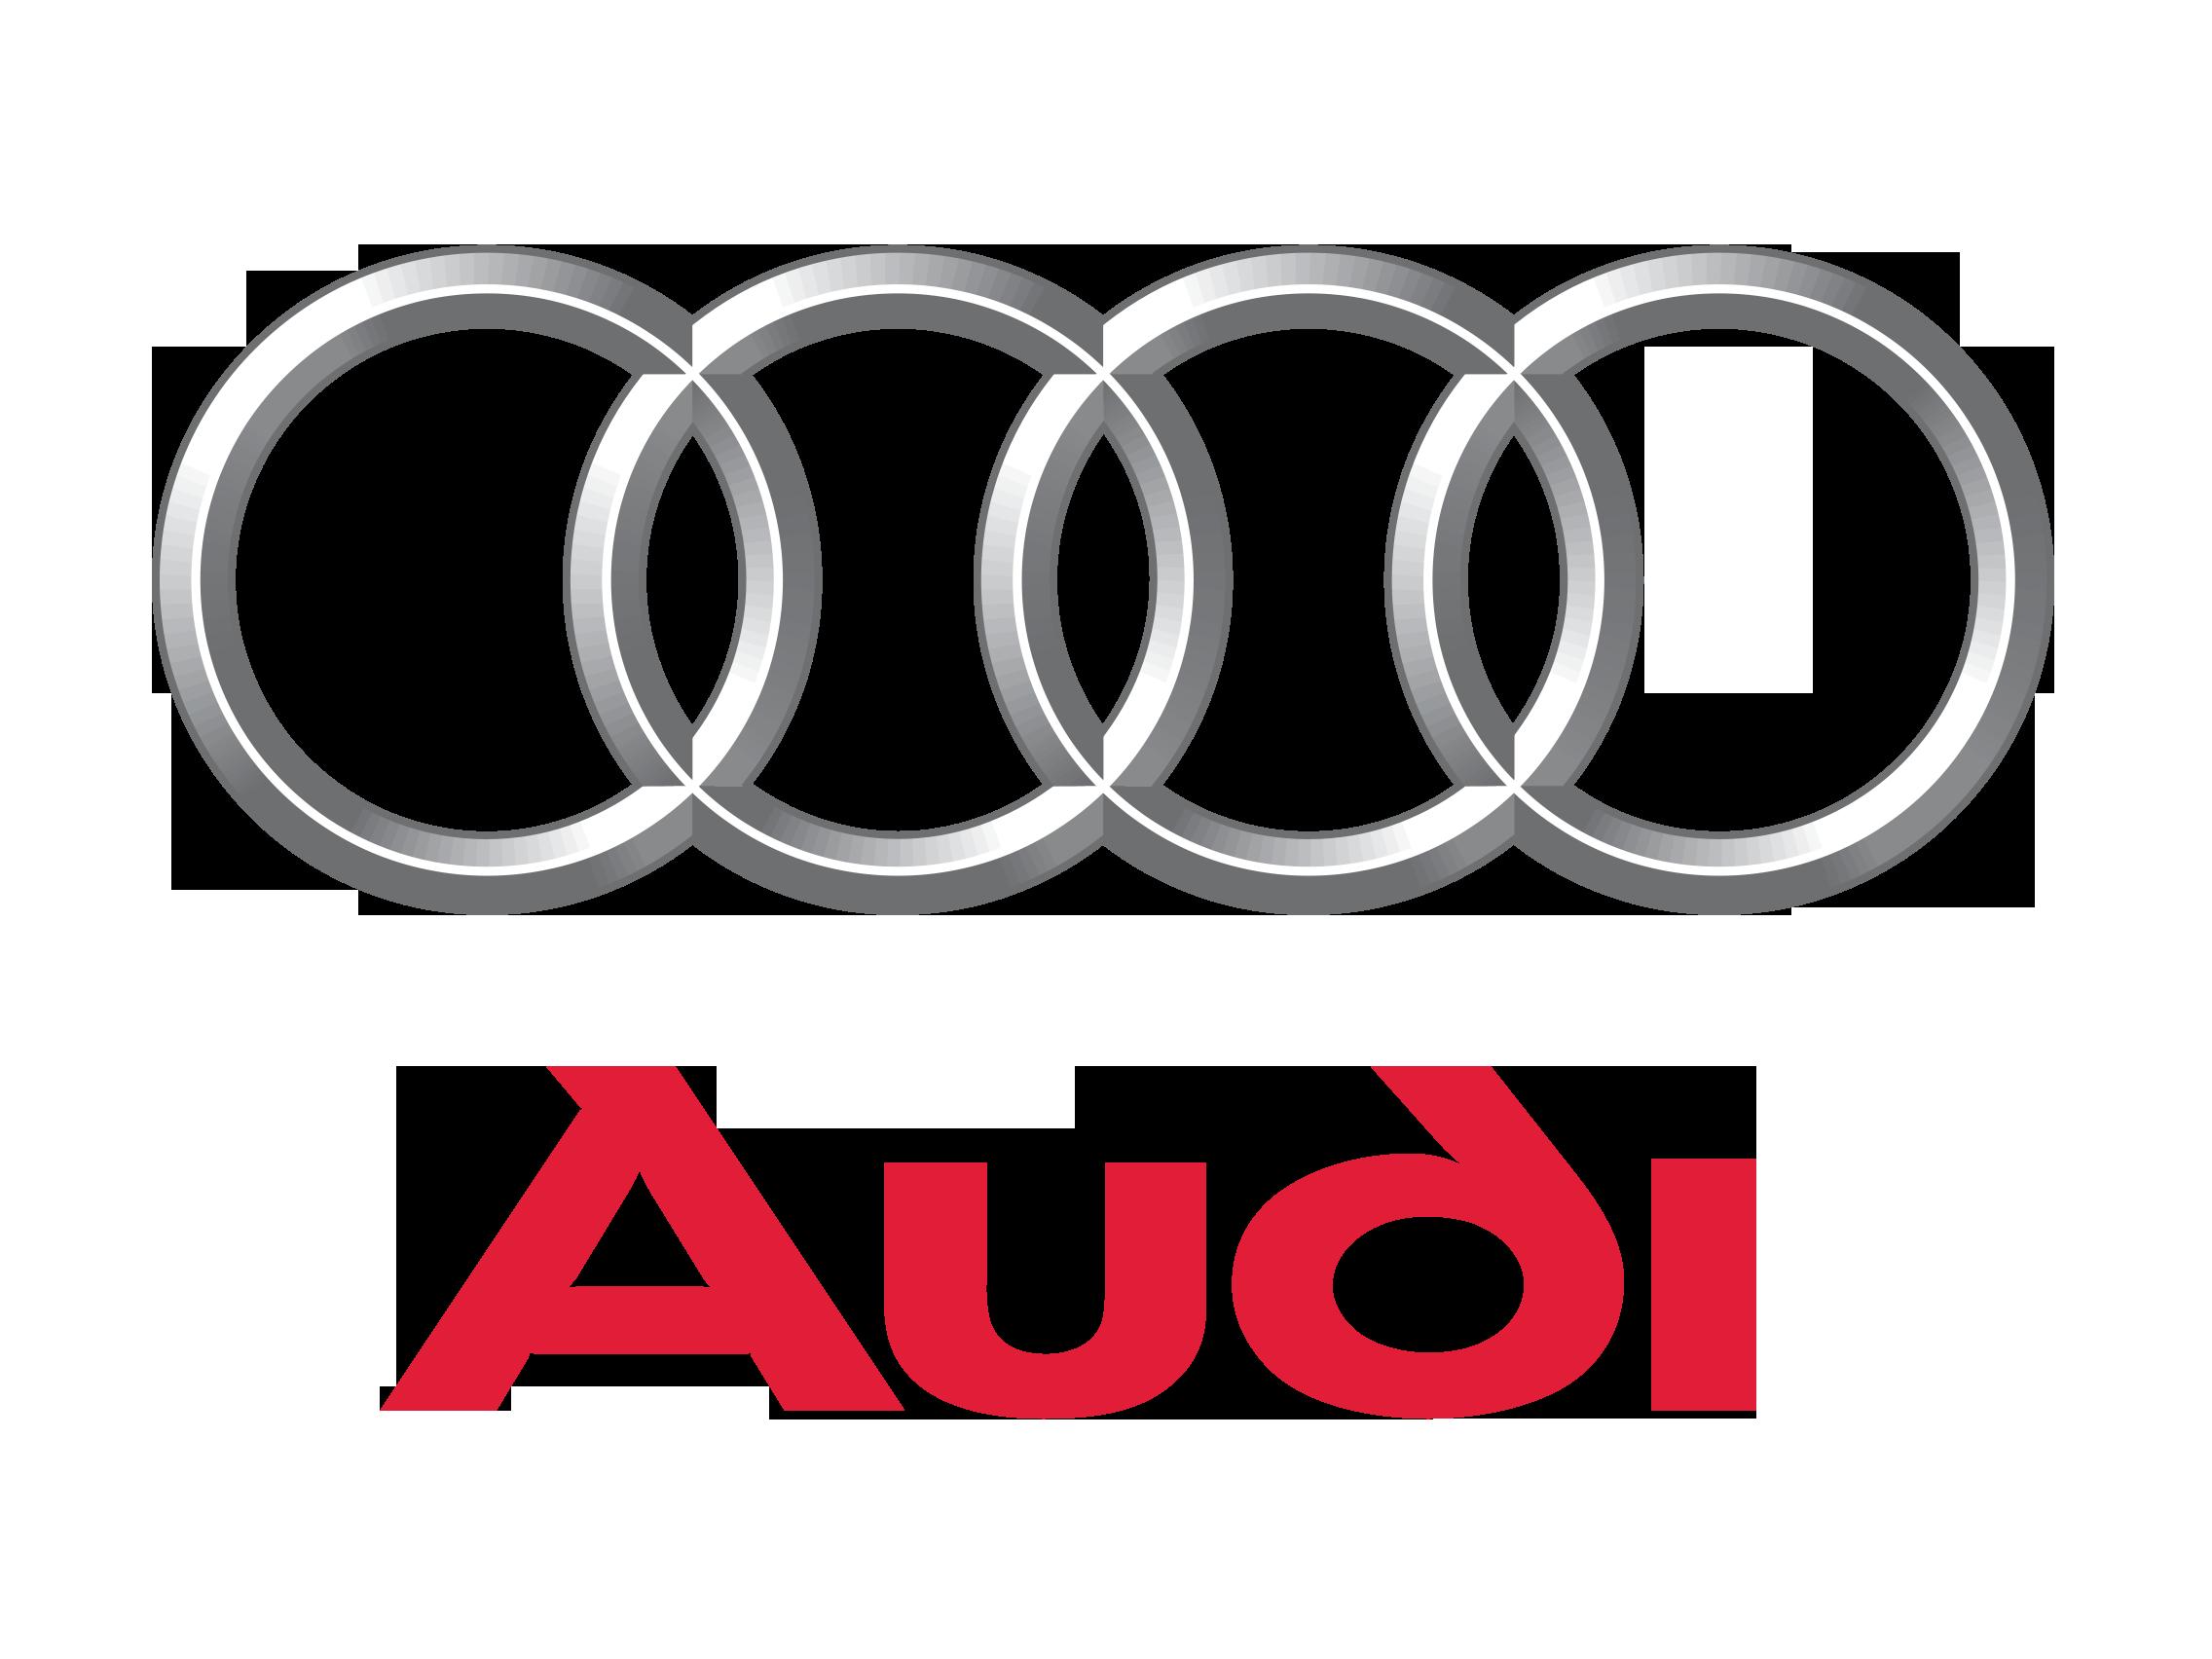 Audi Car Logos